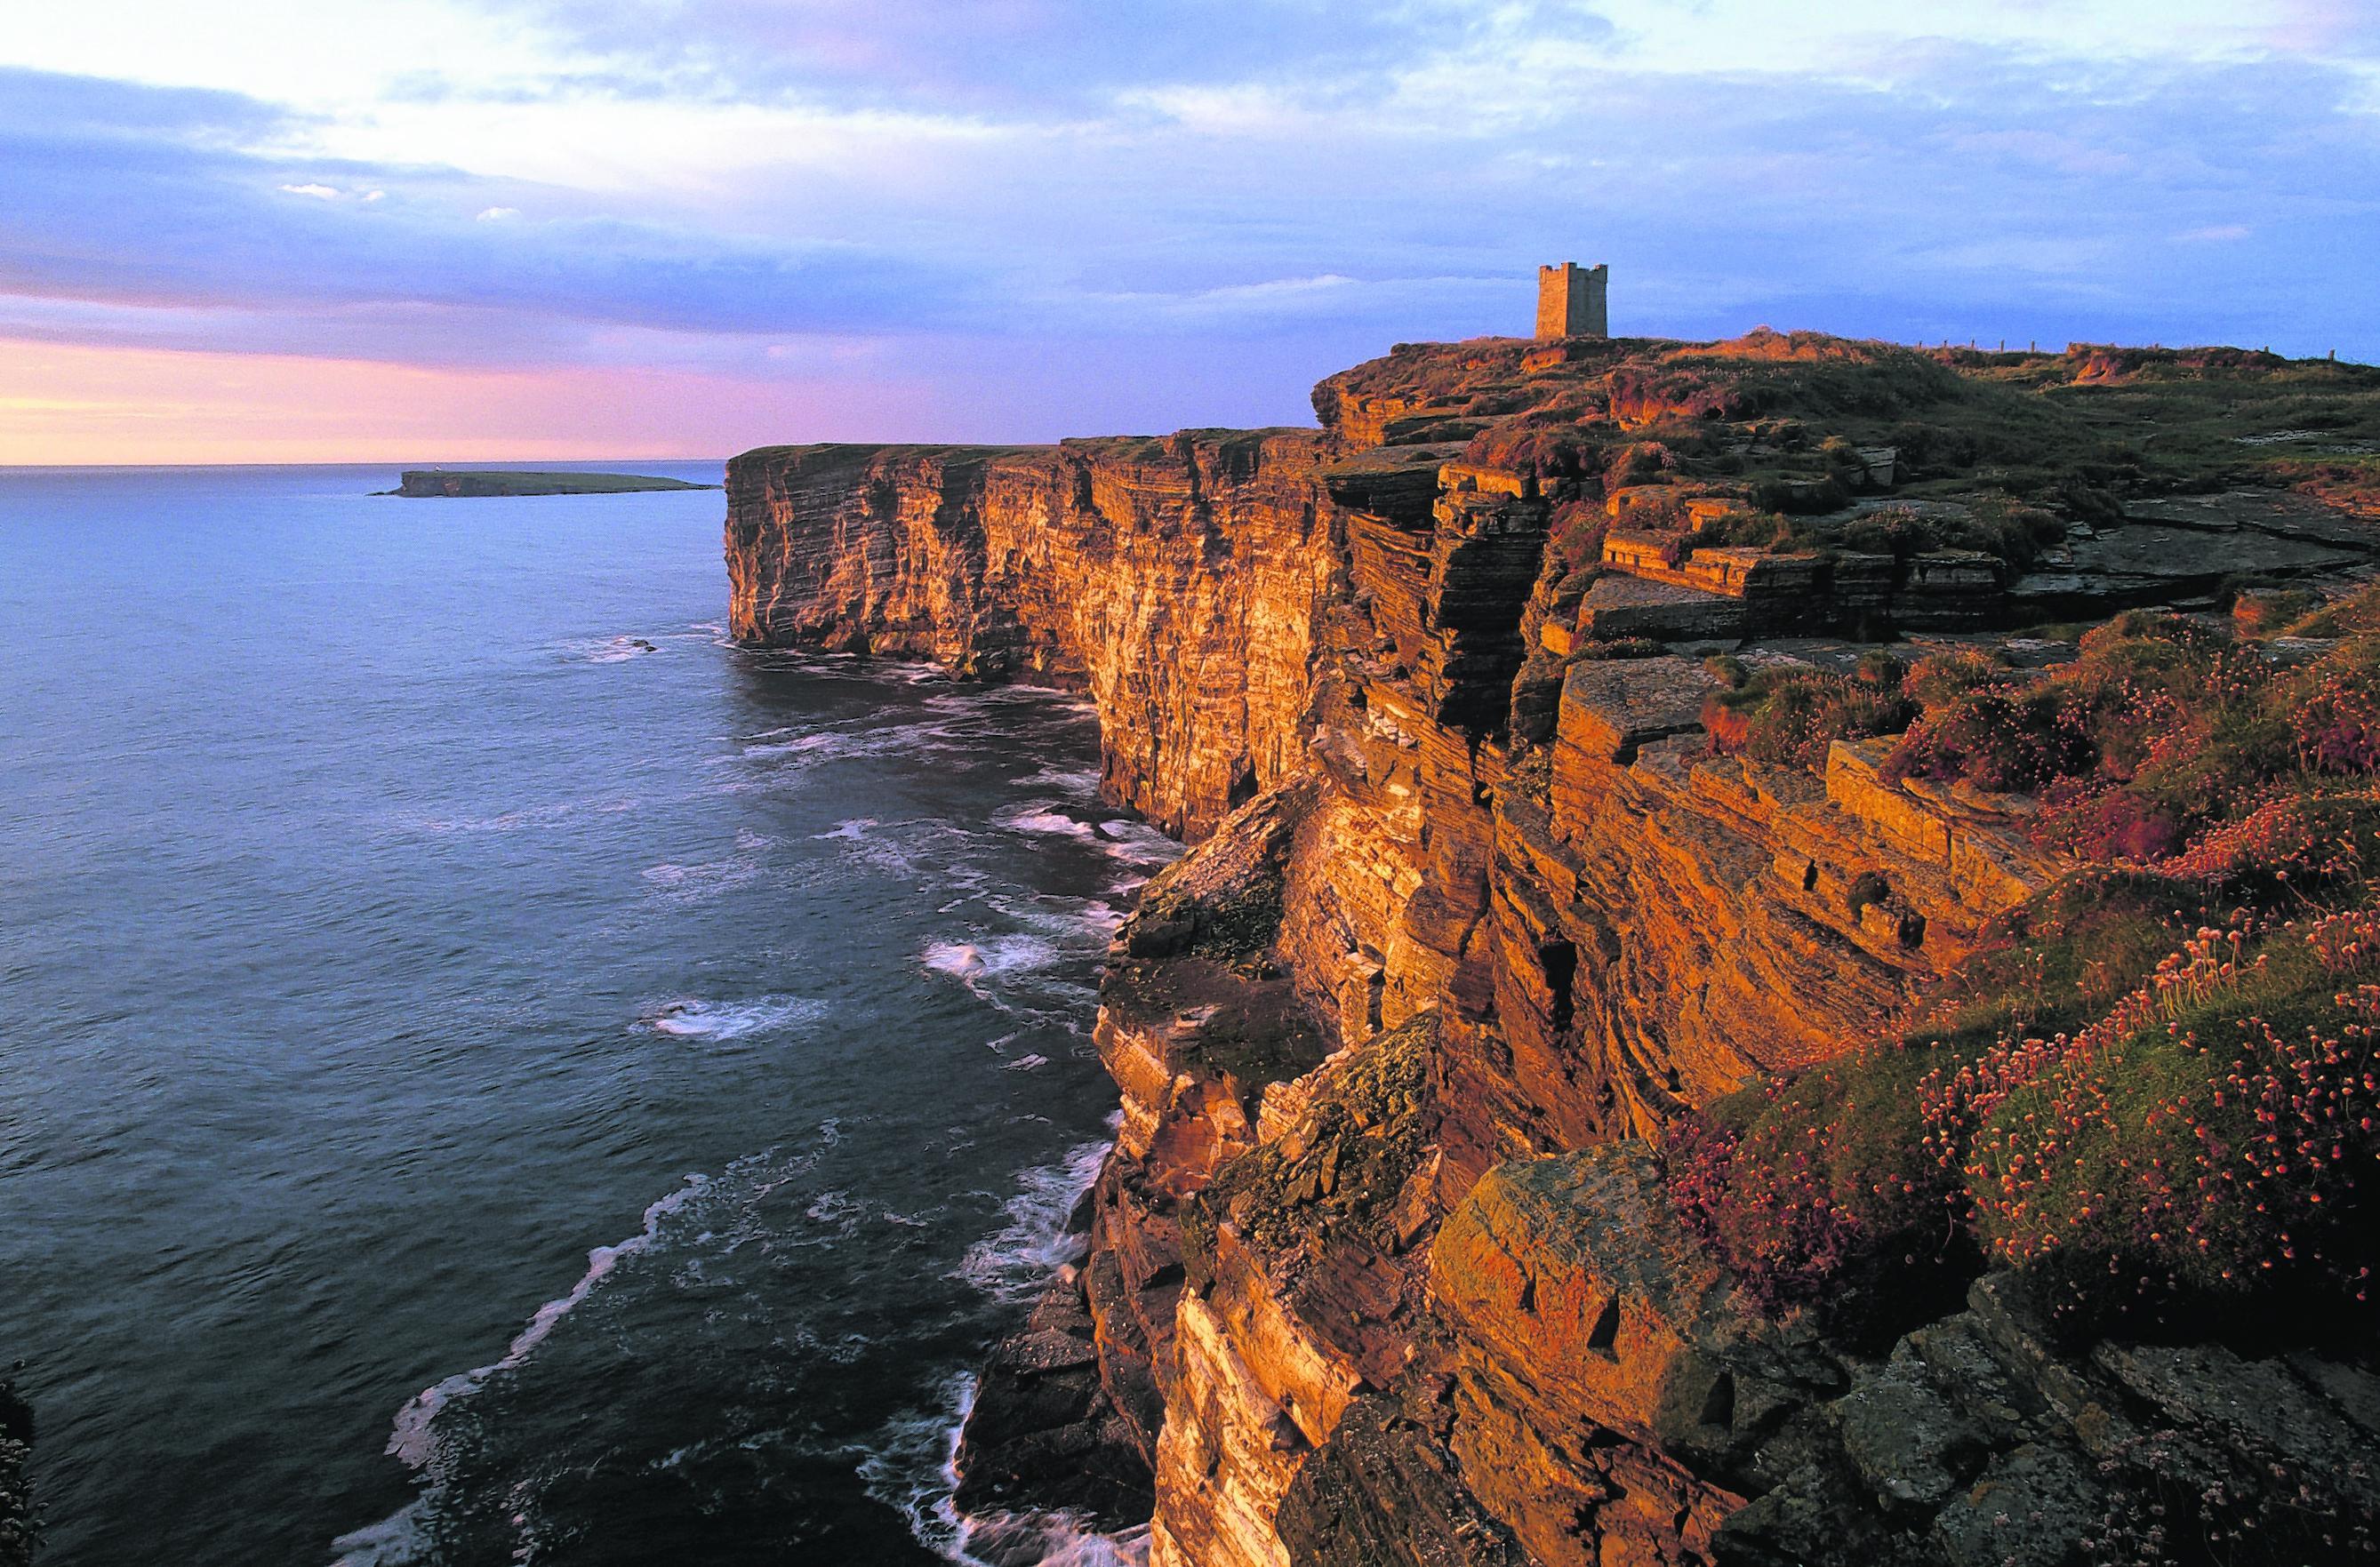 Marwick cliffs, Orkney